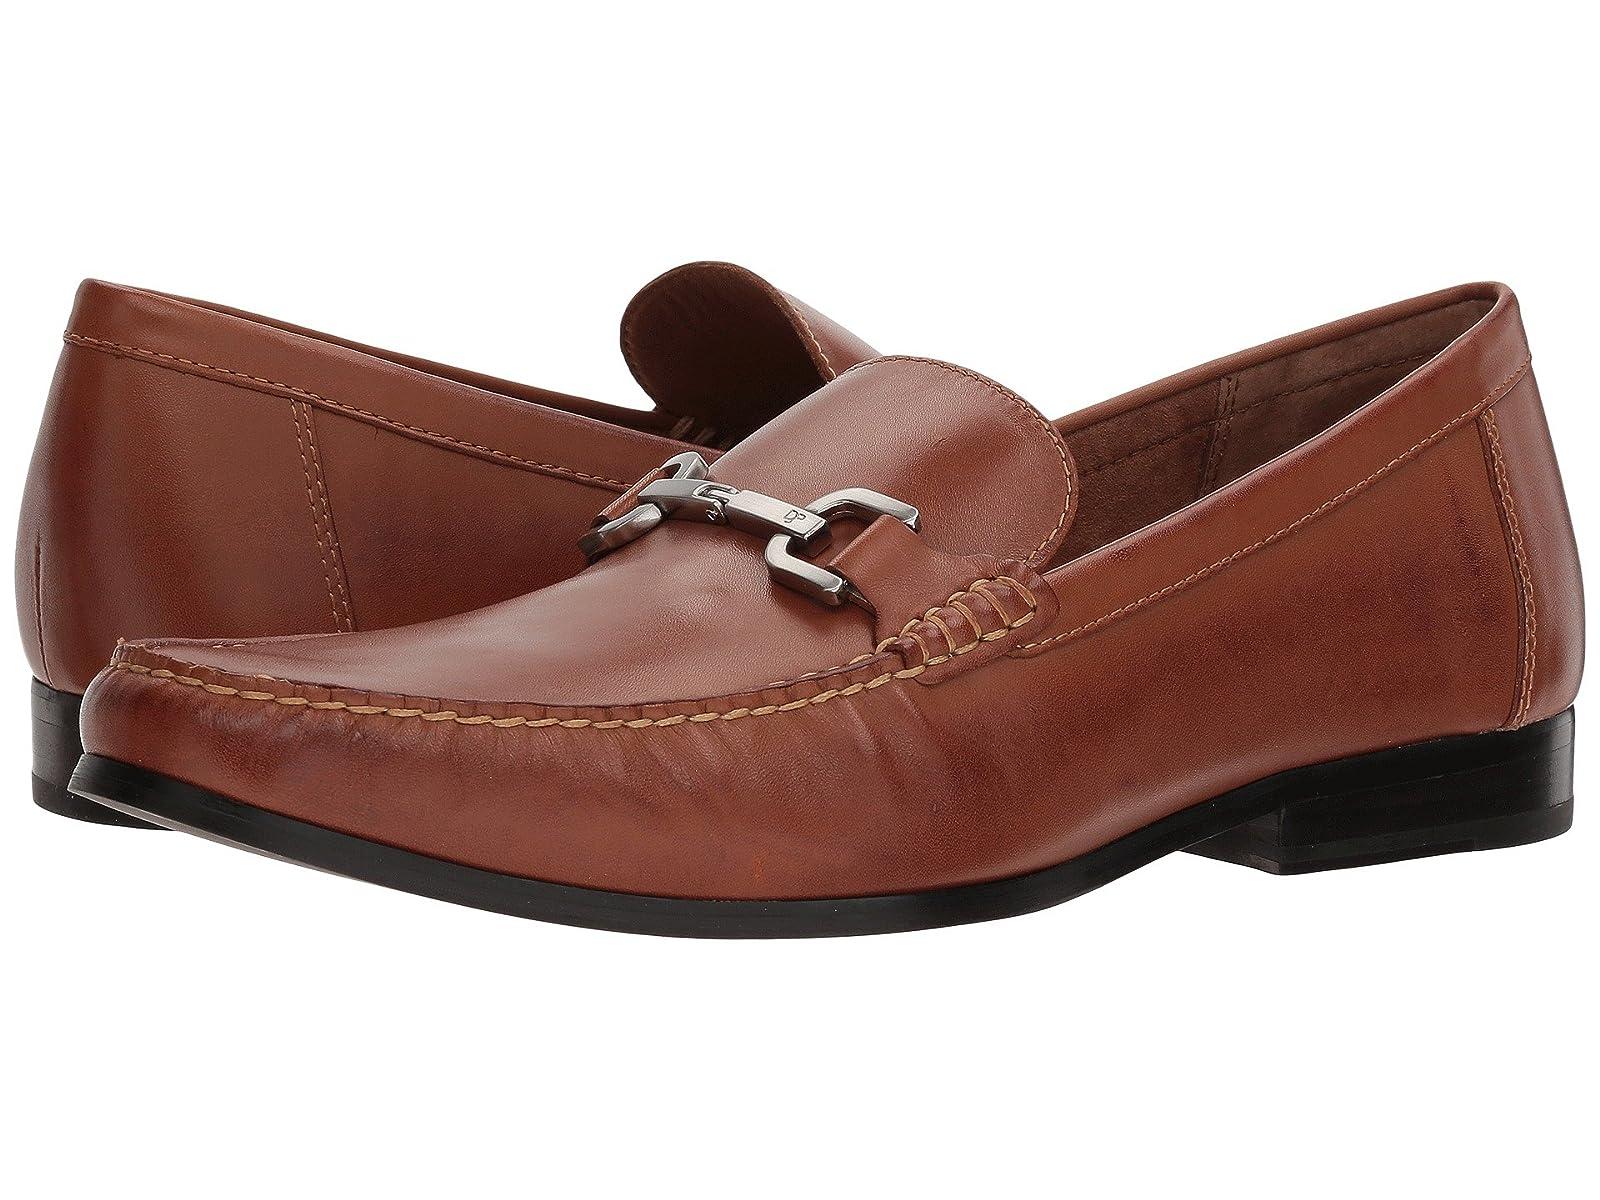 Donald J Pliner NilesAtmospheric grades have affordable shoes